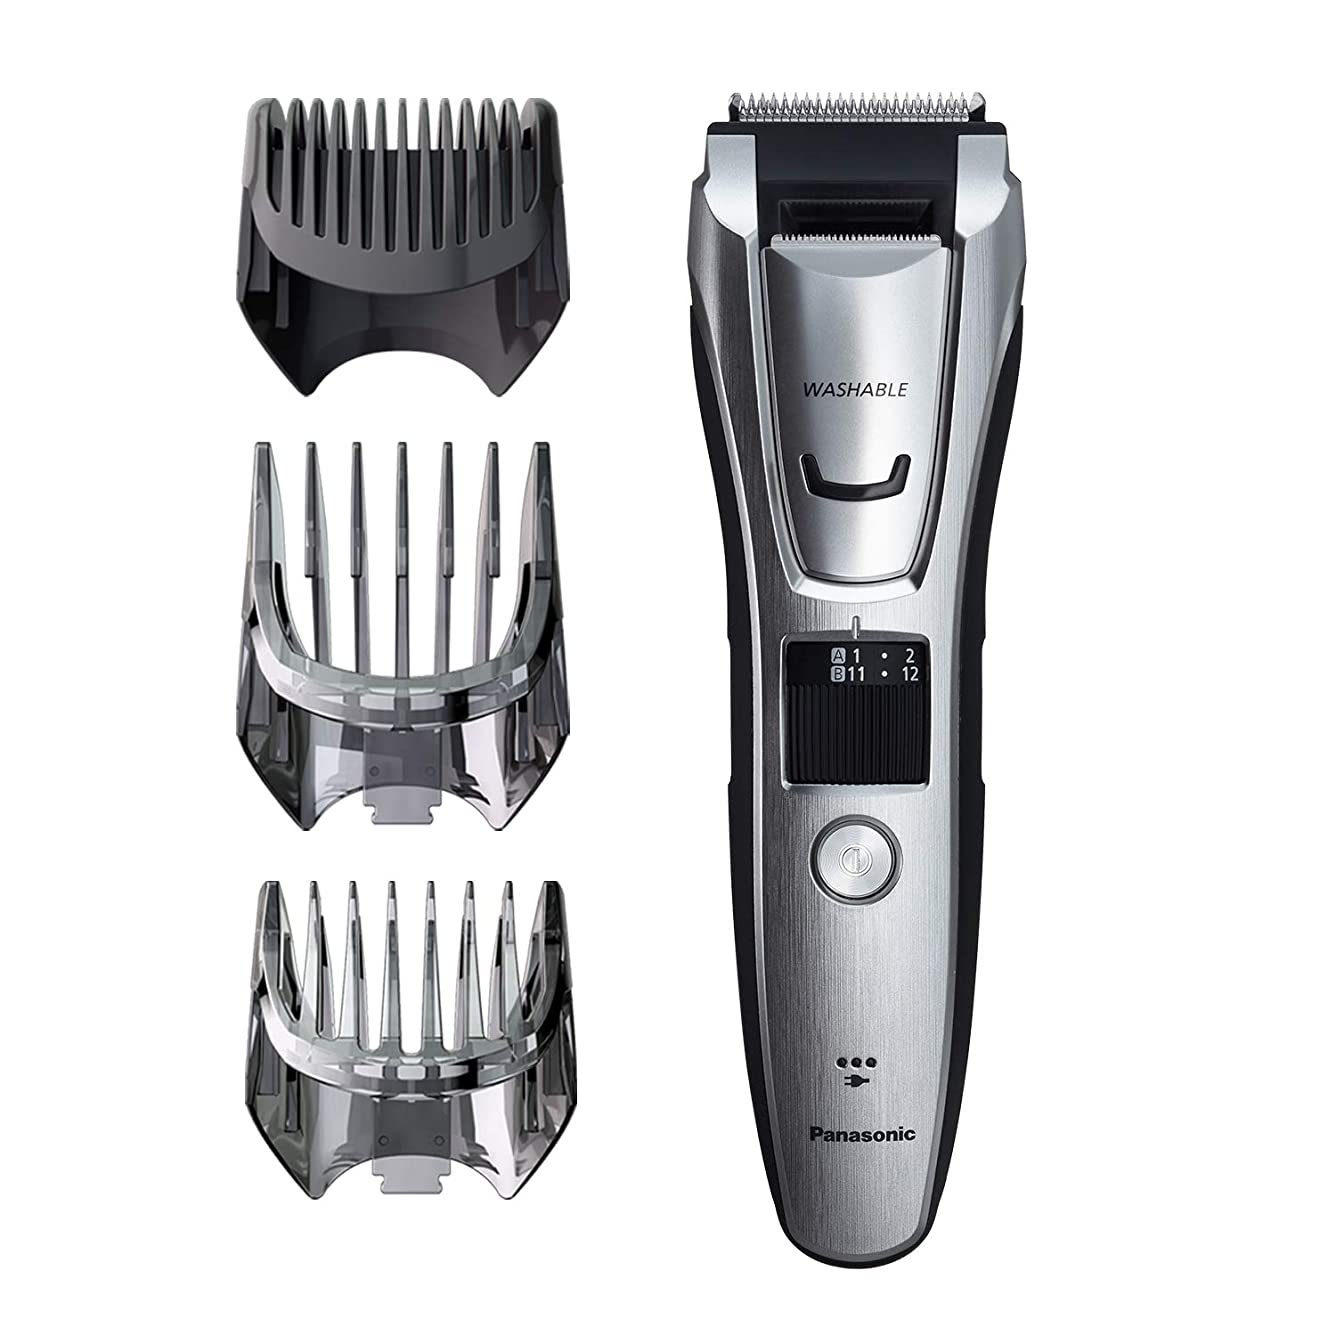 はっきりしない正確シフトPanasonic ER-GB80-S Body and Beard Trimmer, Hair Clipper, Men's, Cordless/Corded Operation with 3 Comb Attachments and and 39 Adjustable Trim Settings, Washable